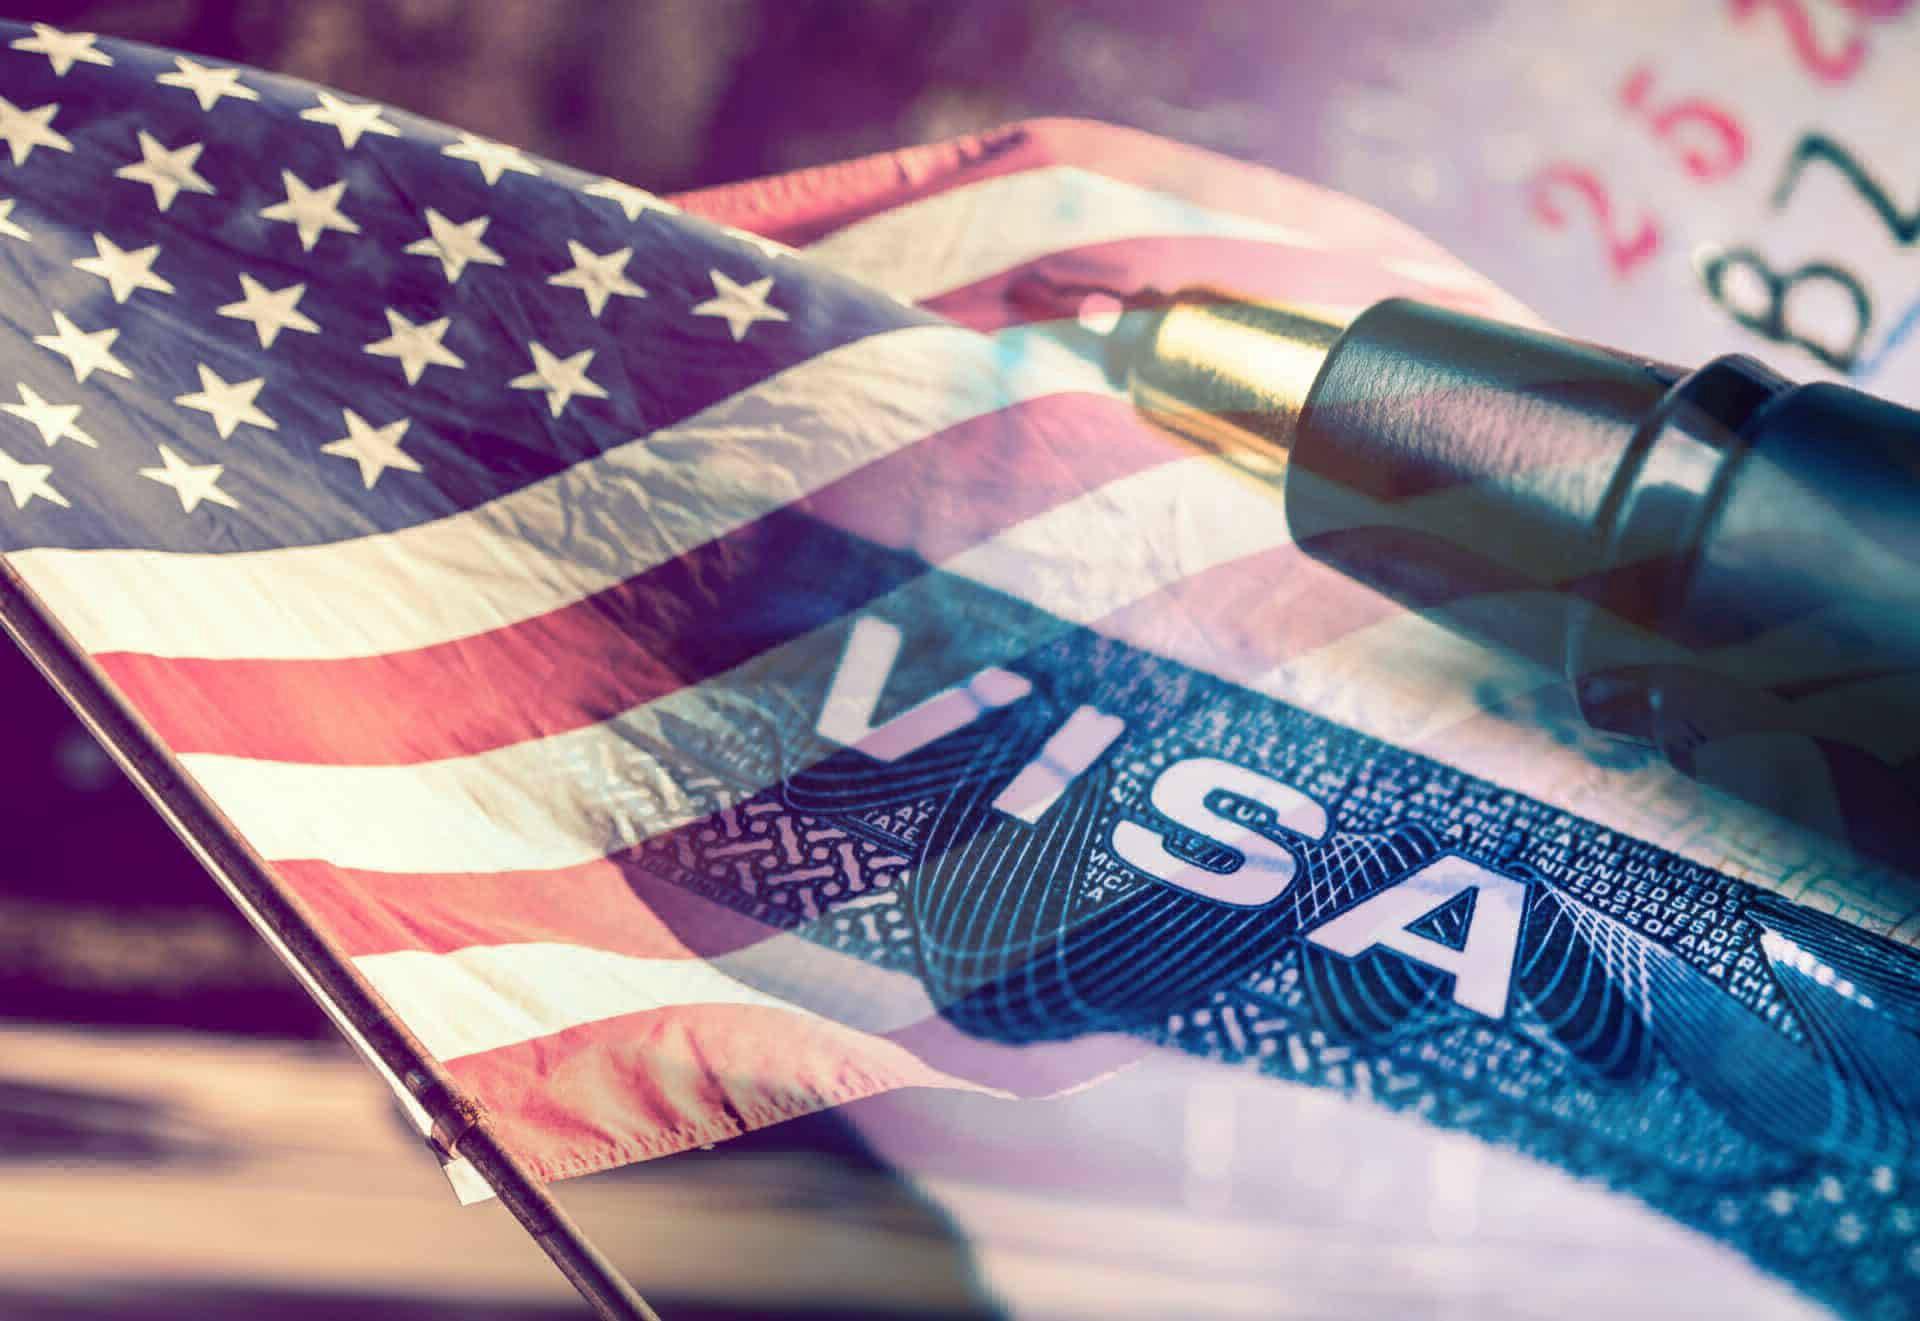 Деловые путешественники изРоссии оформляют американские визы вПольше, Чехии иАвстрии